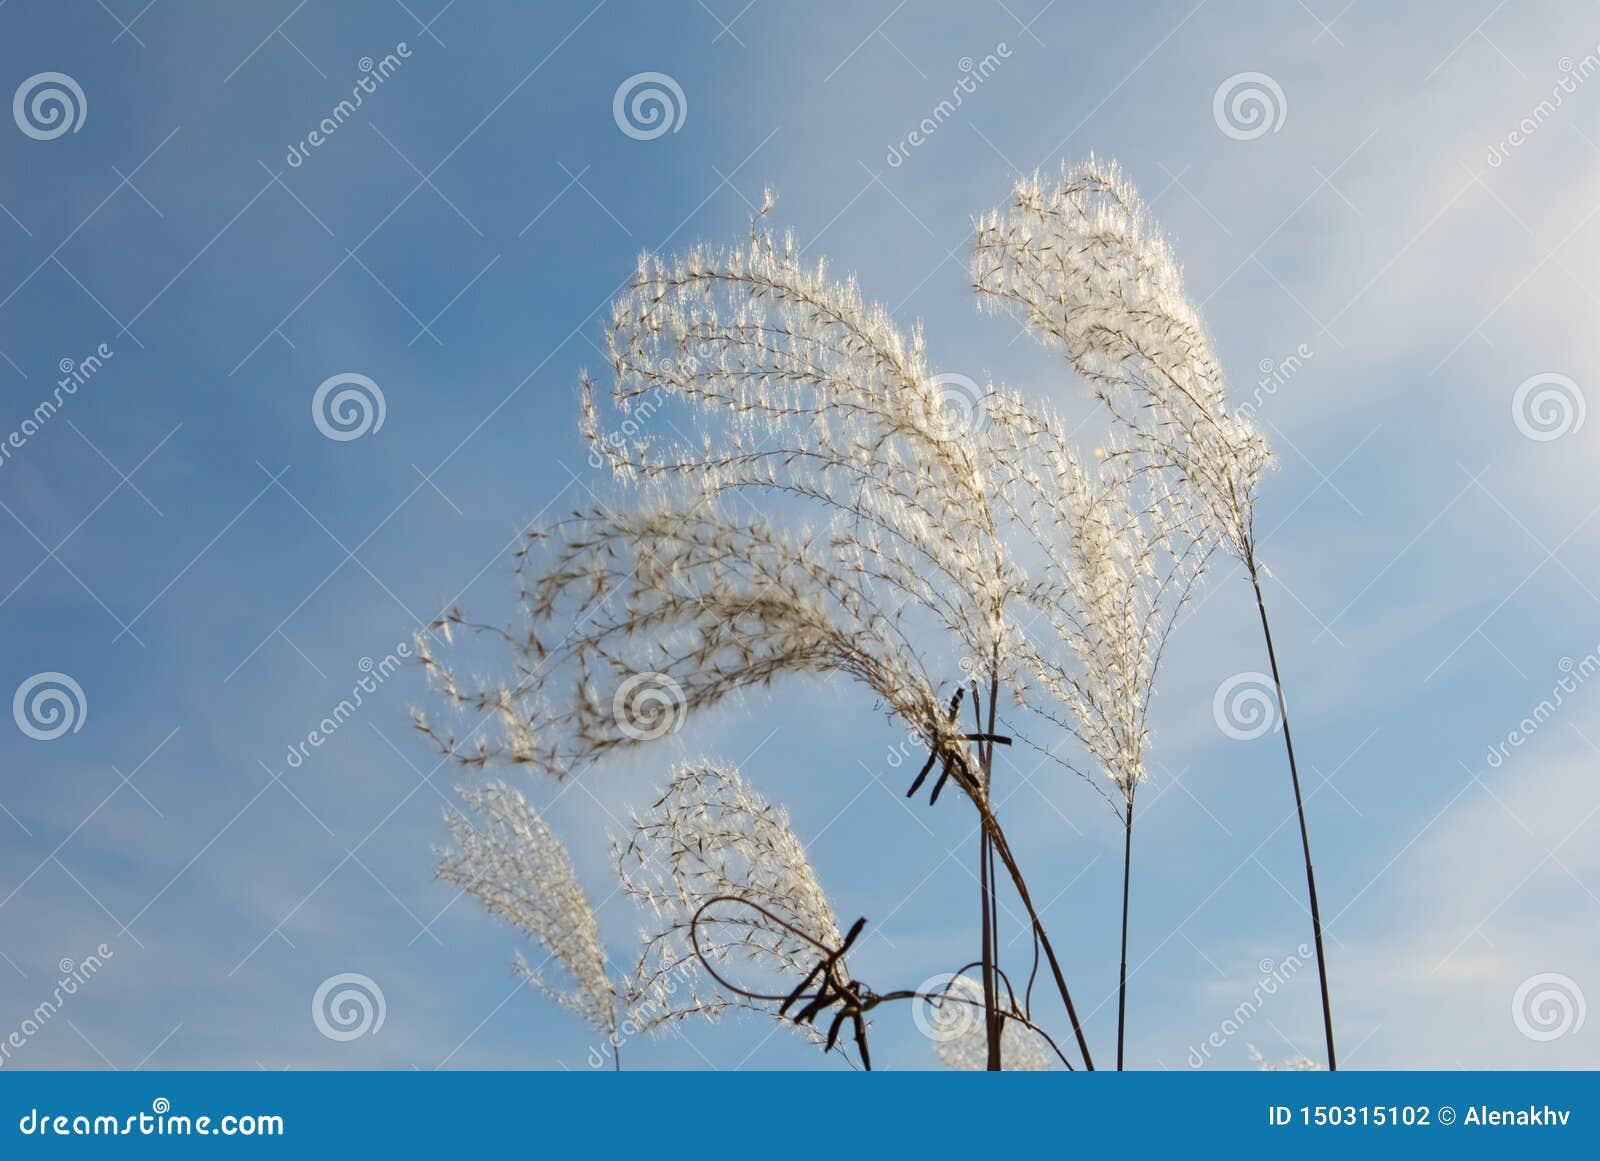 Grafische pluizige droge aartjes tegen de blauwe bewolkte hemel